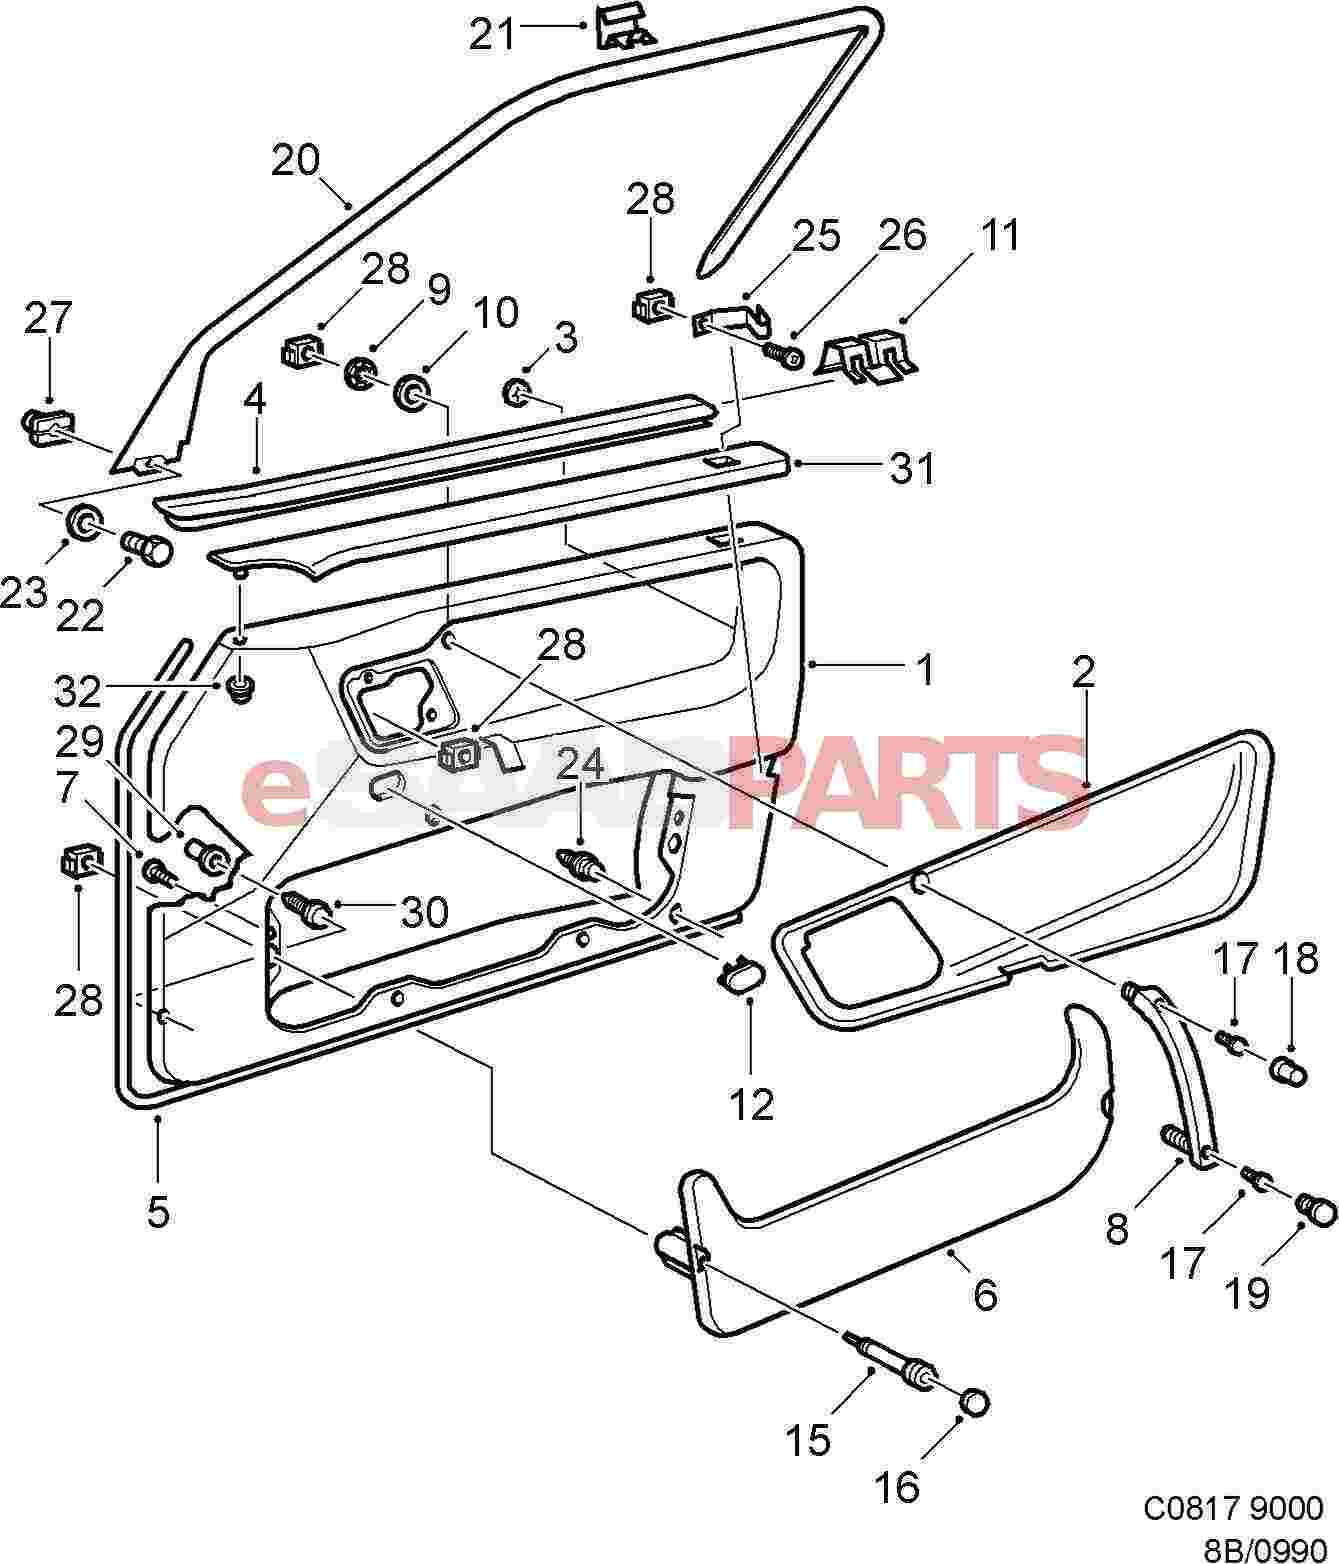 hight resolution of car door panel diagram wiring diagram compilation car door panel diagram